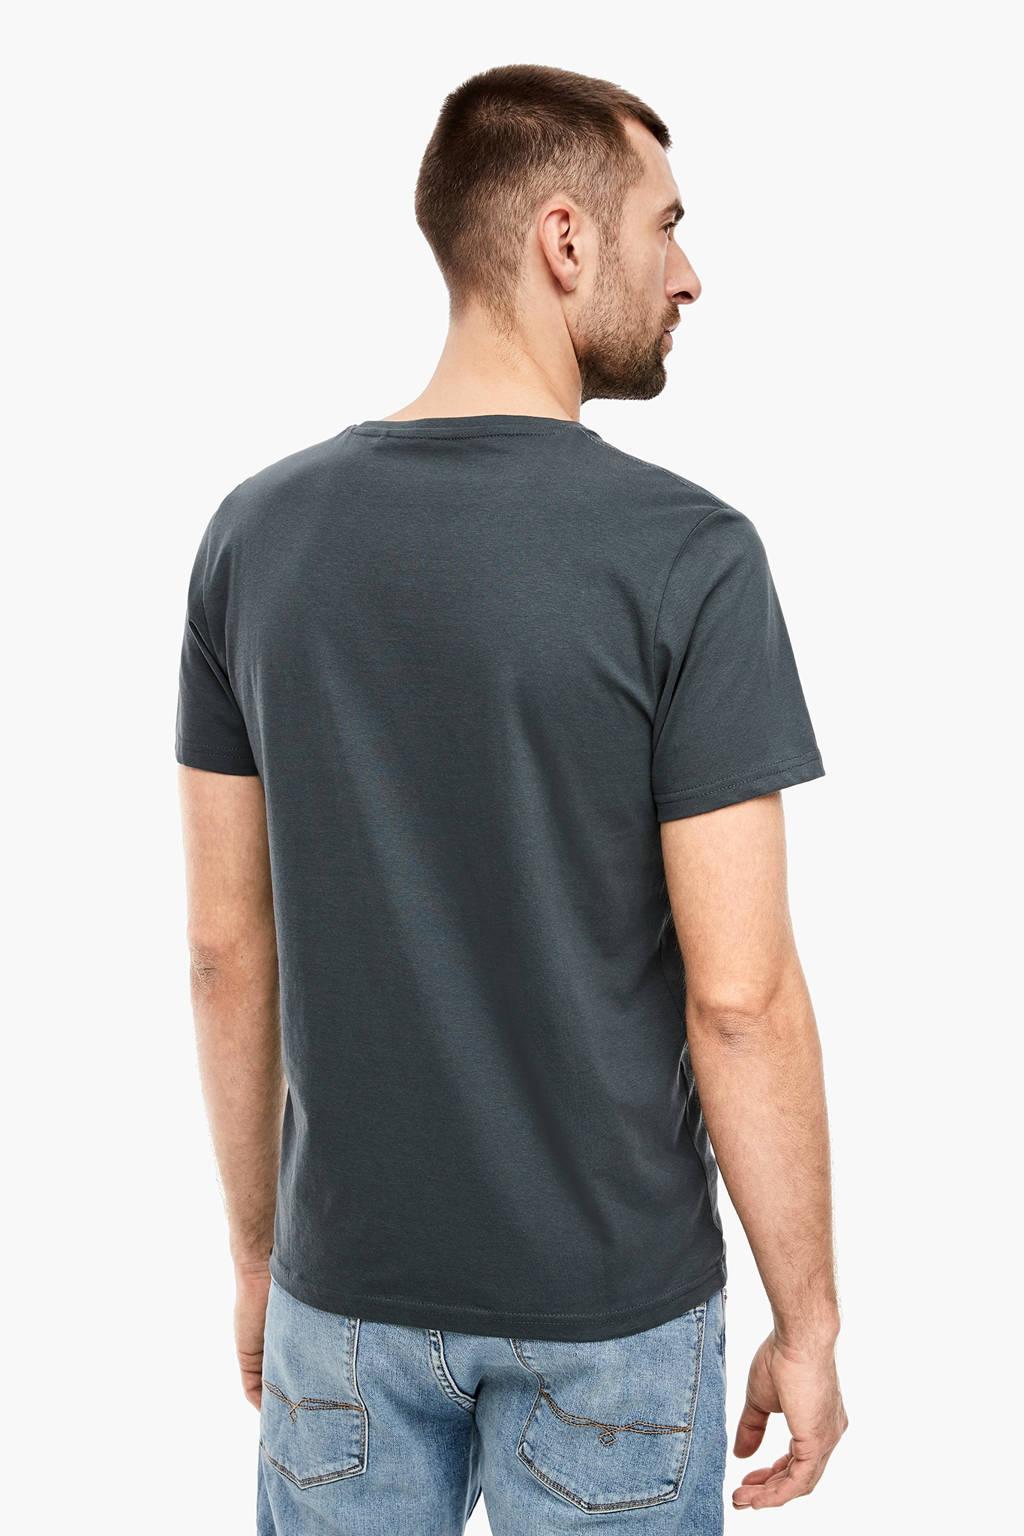 s.Oliver T-shirt met logo antraciet, Antraciet